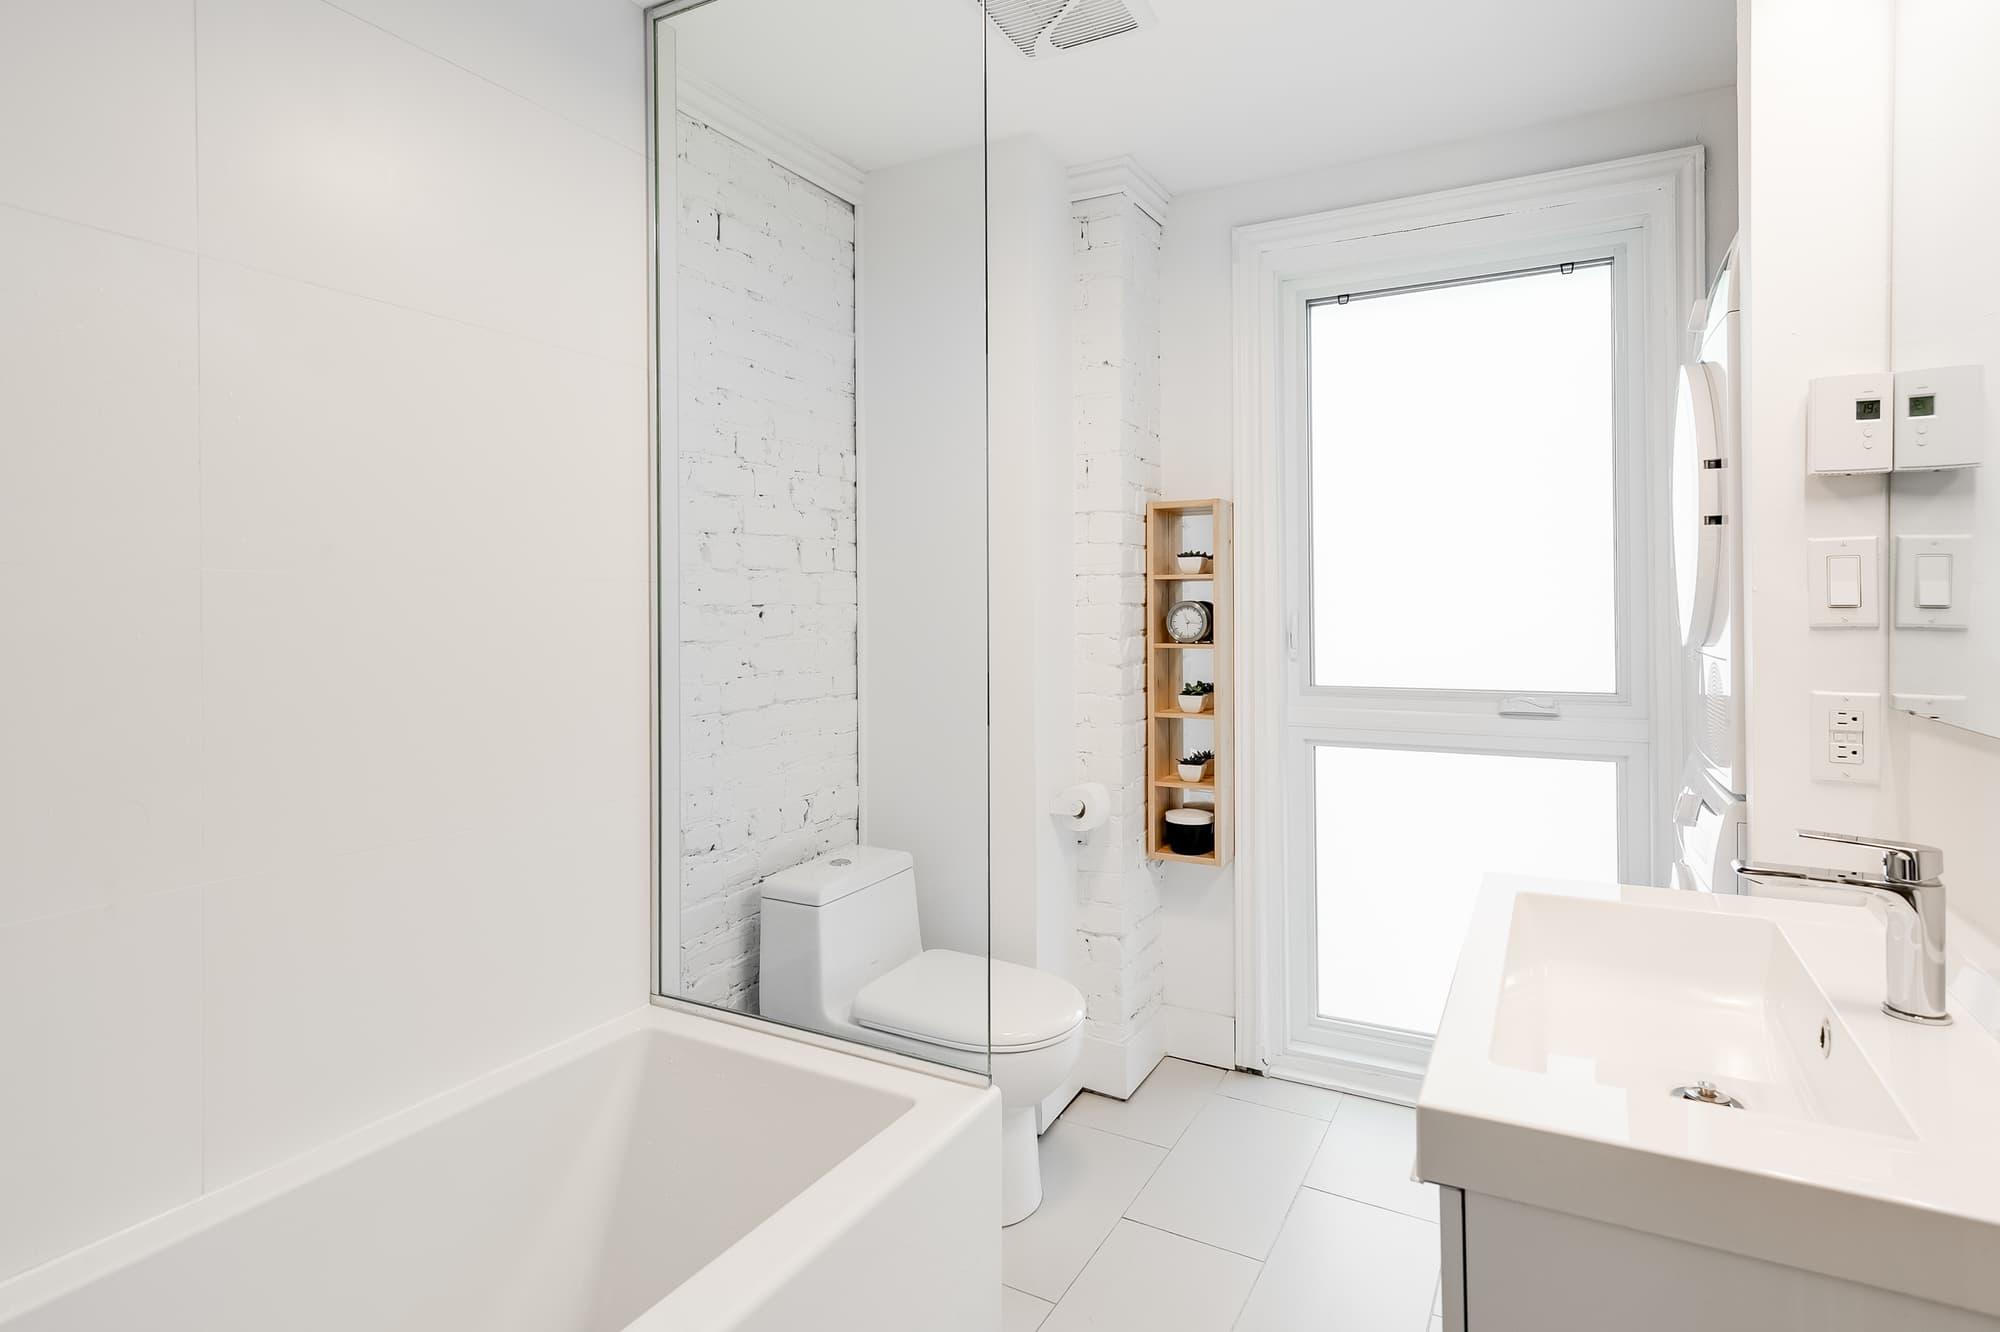 rénovation de salle de bain blanche avec mur en brique blanc